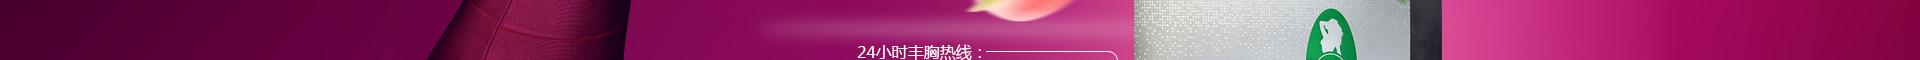 知名女性门户网站推荐品牌